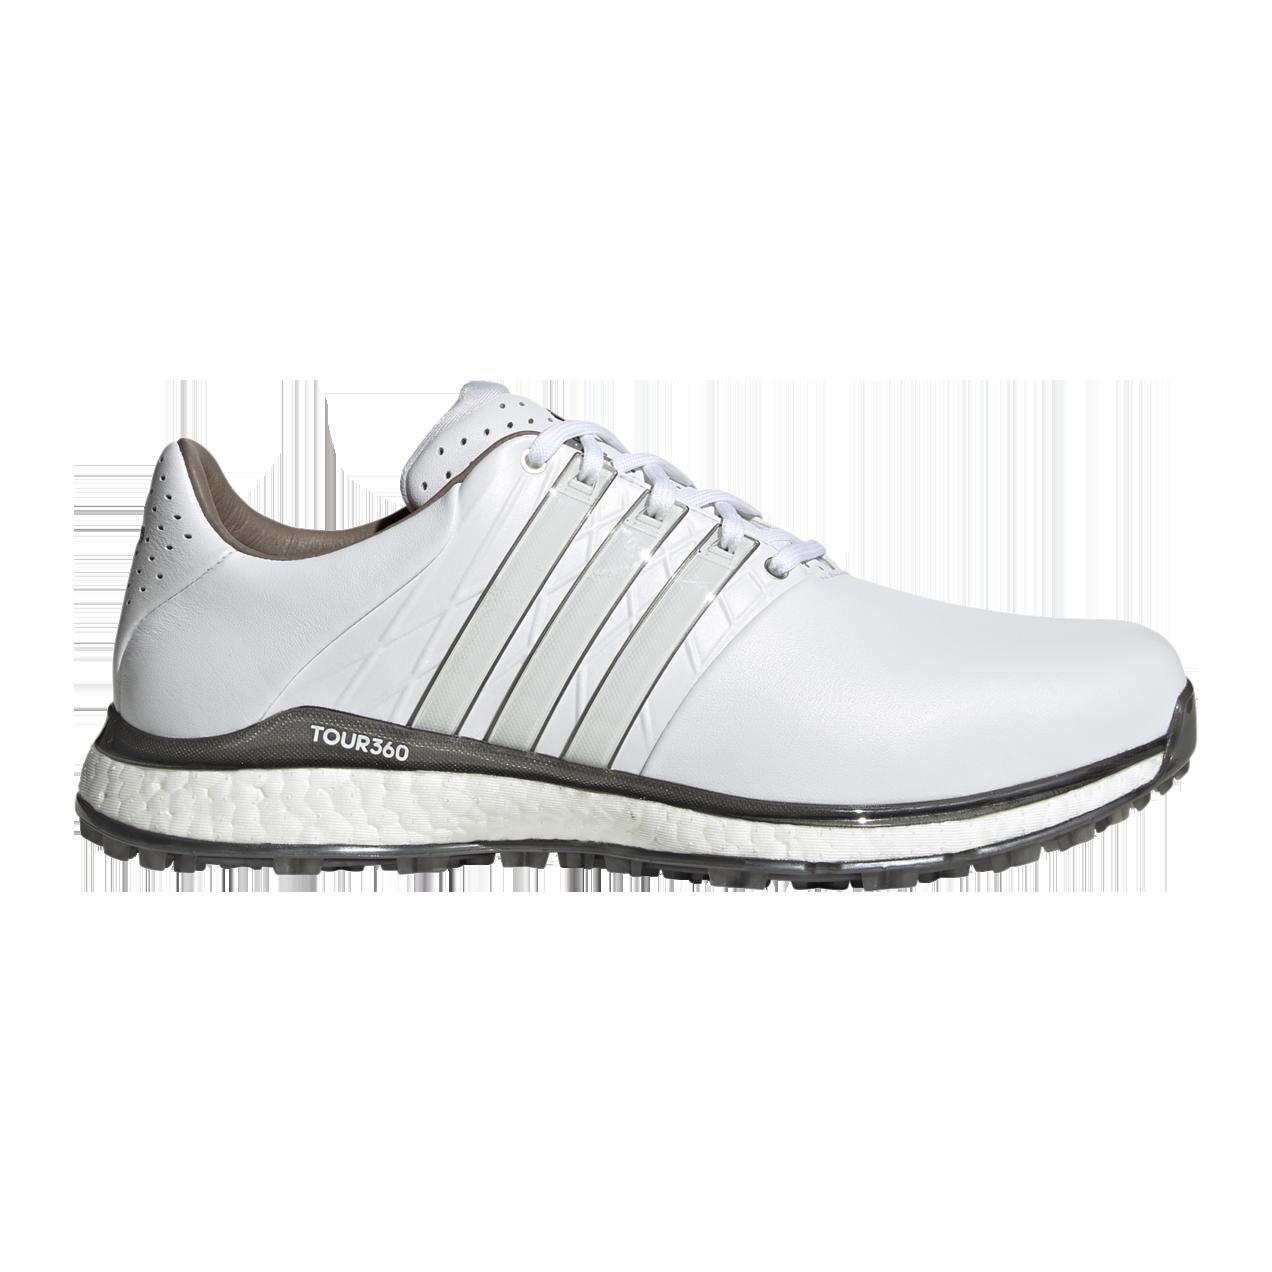 TOUR360 XT-SL 2.0 Men's Golf Shoe - White/Silver